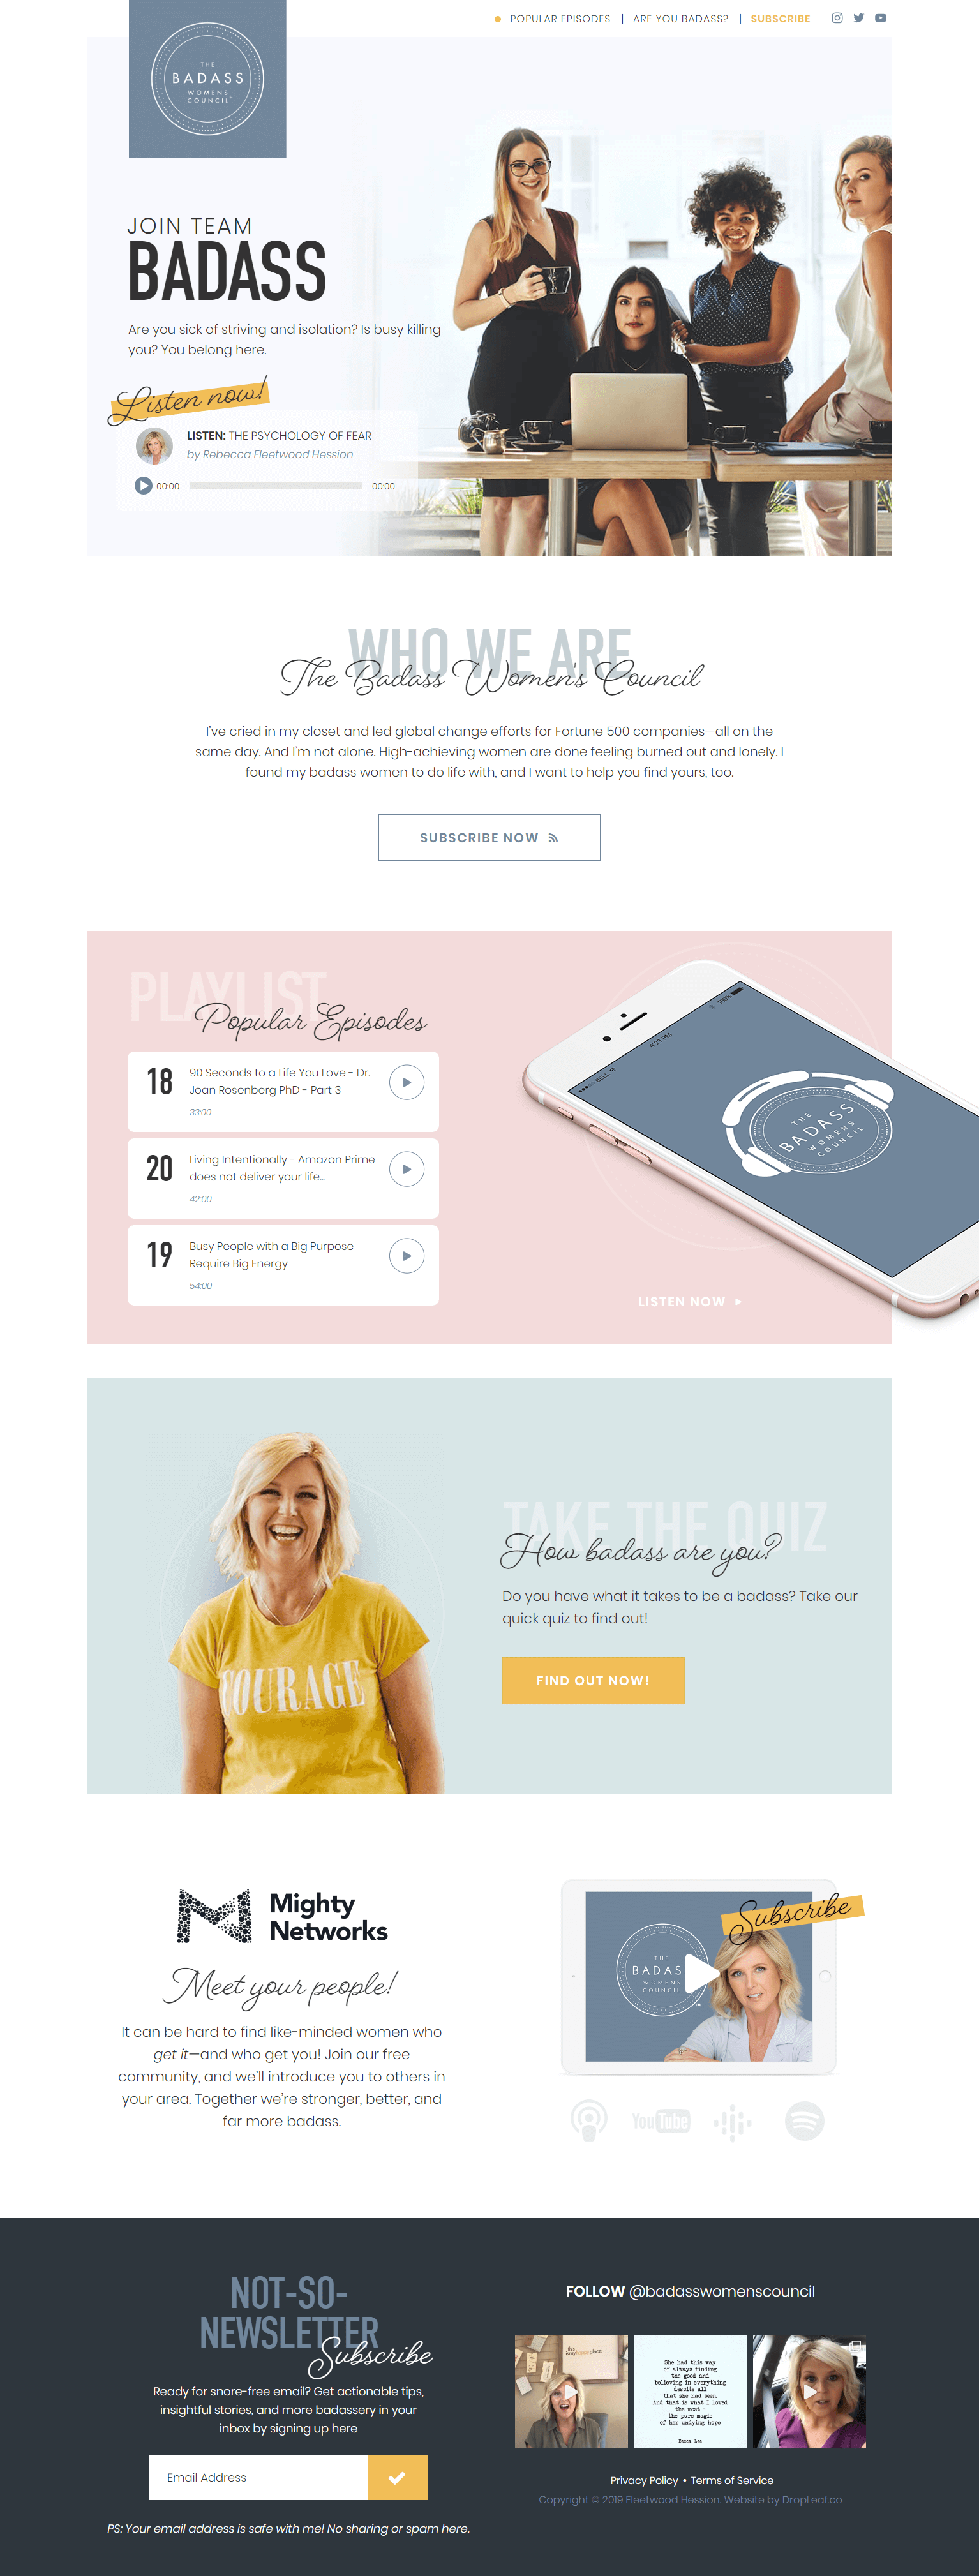 Badass Women's Council custom WordPress development